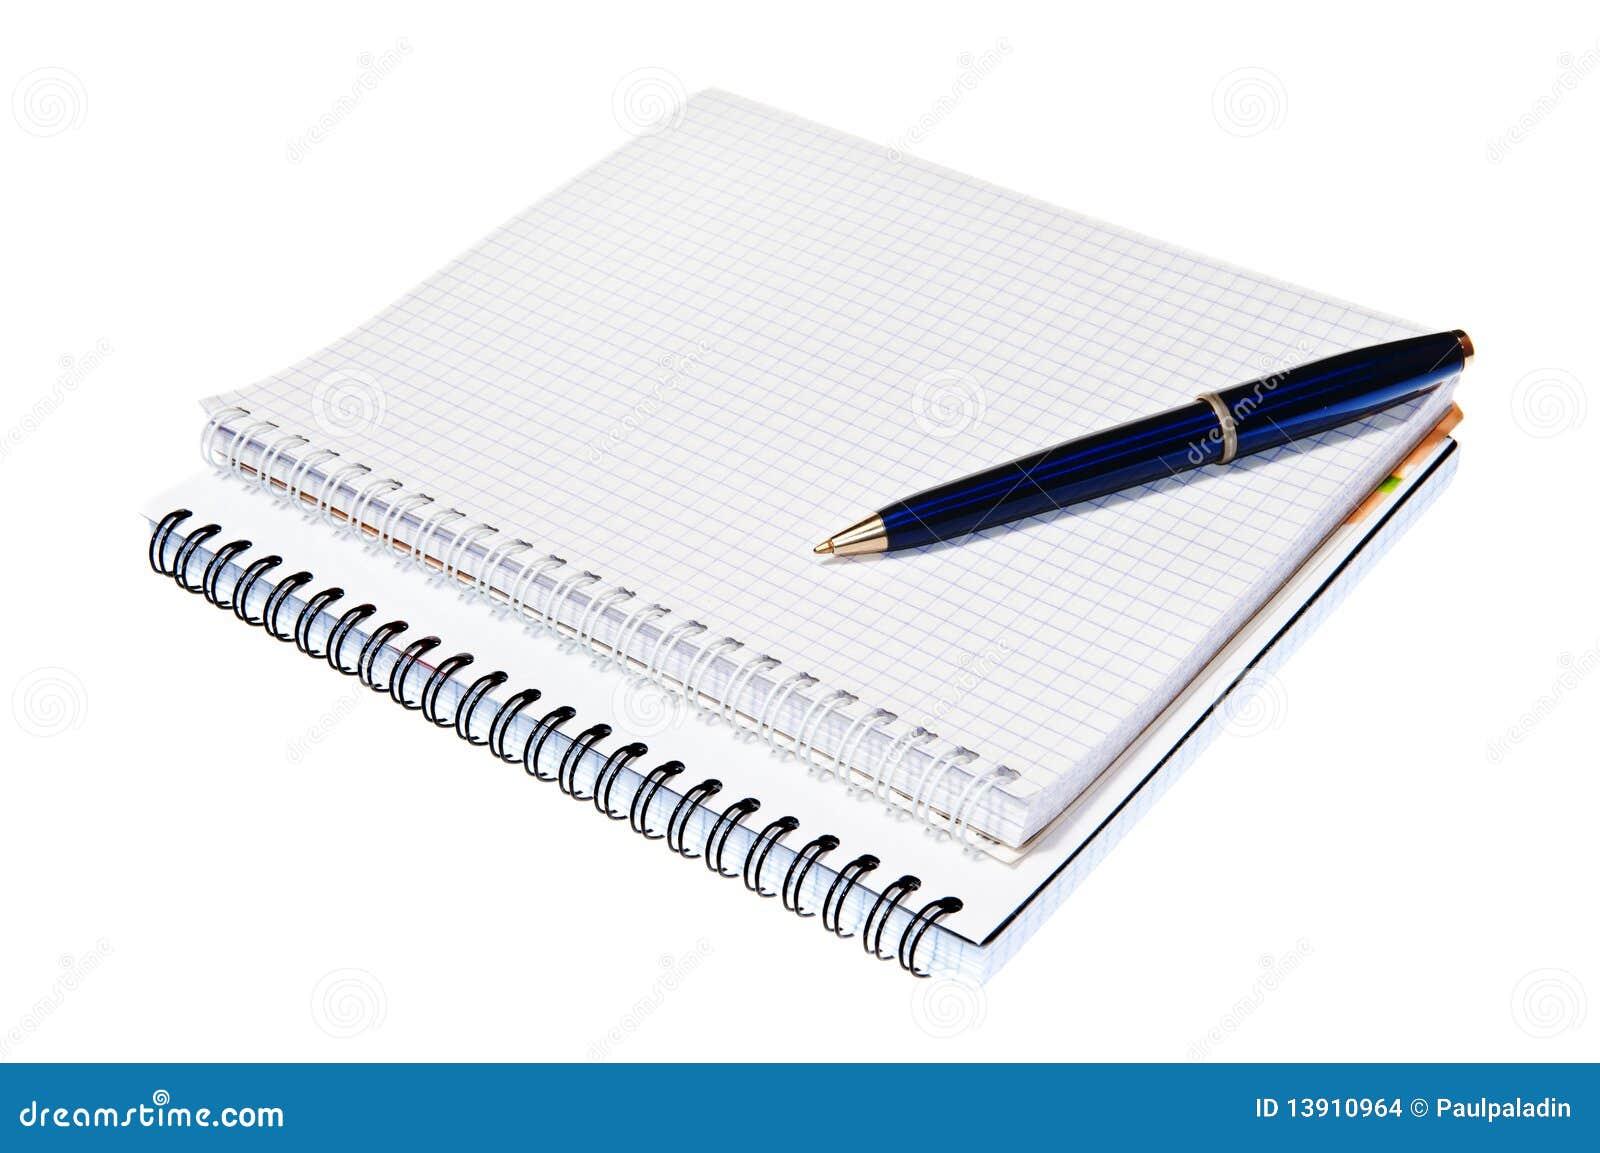 Abc open 500 words essay